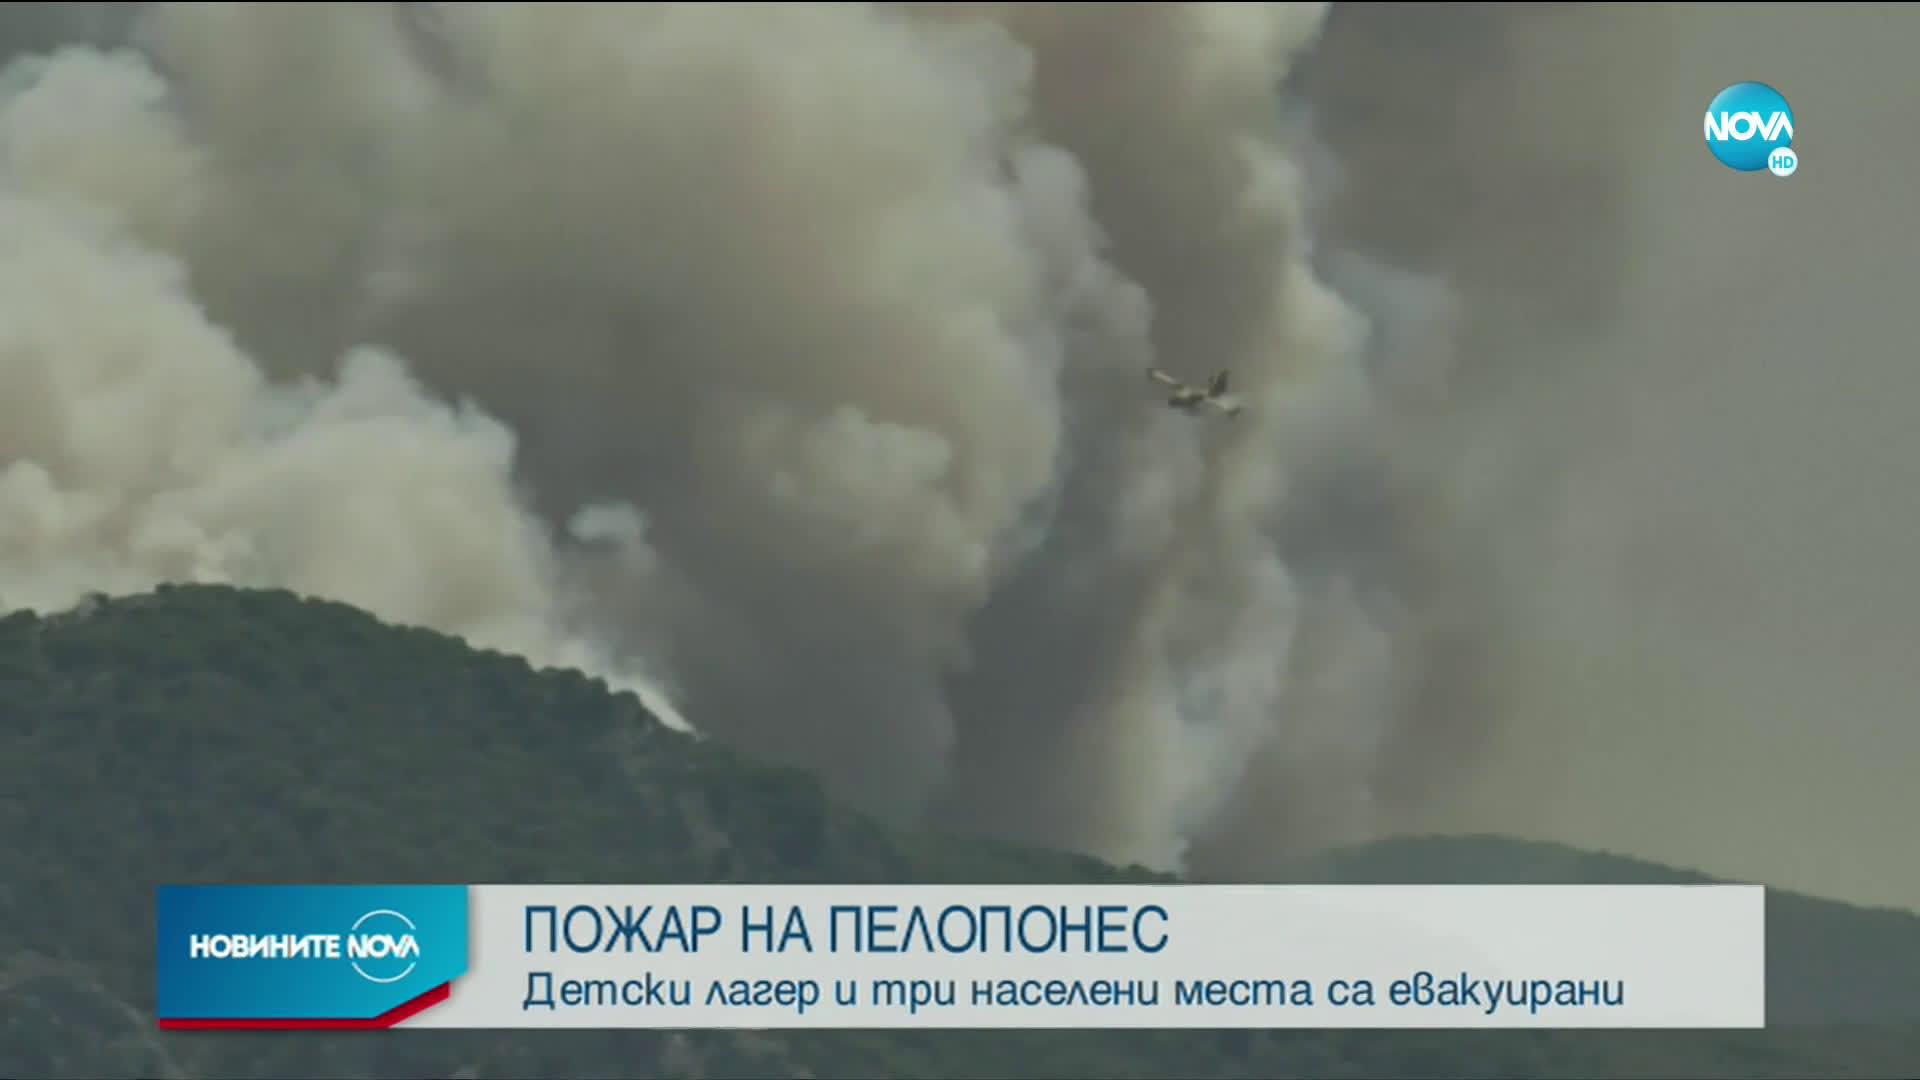 Голям пожар на Пелопонес, три населени места са евакуирани